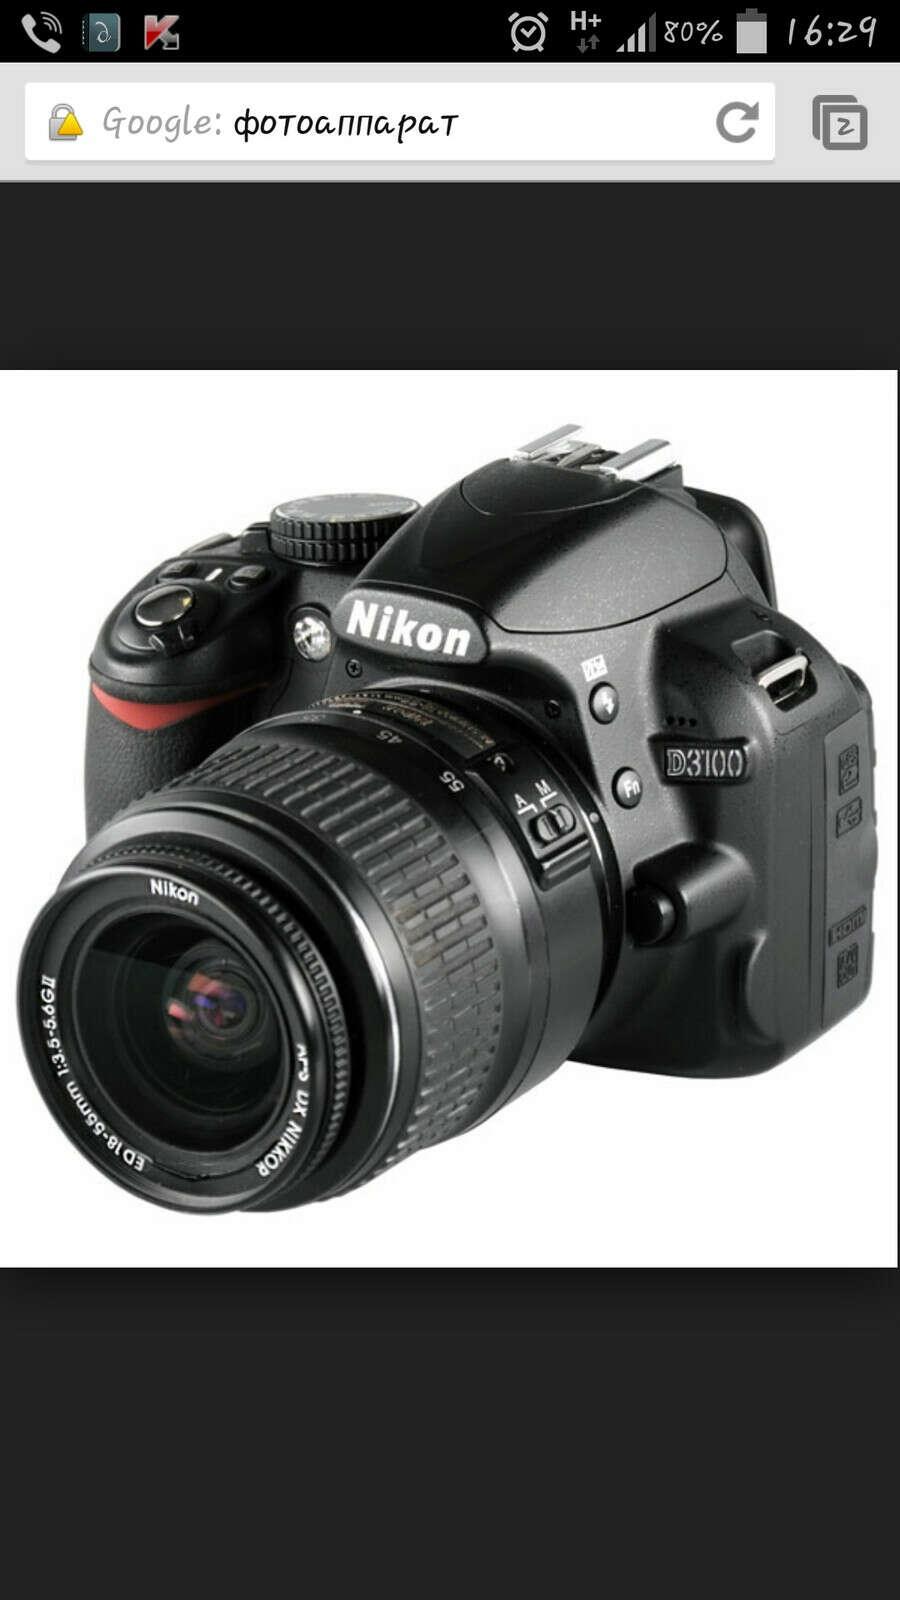 Я хочу профессиональный фотоаппарат ).